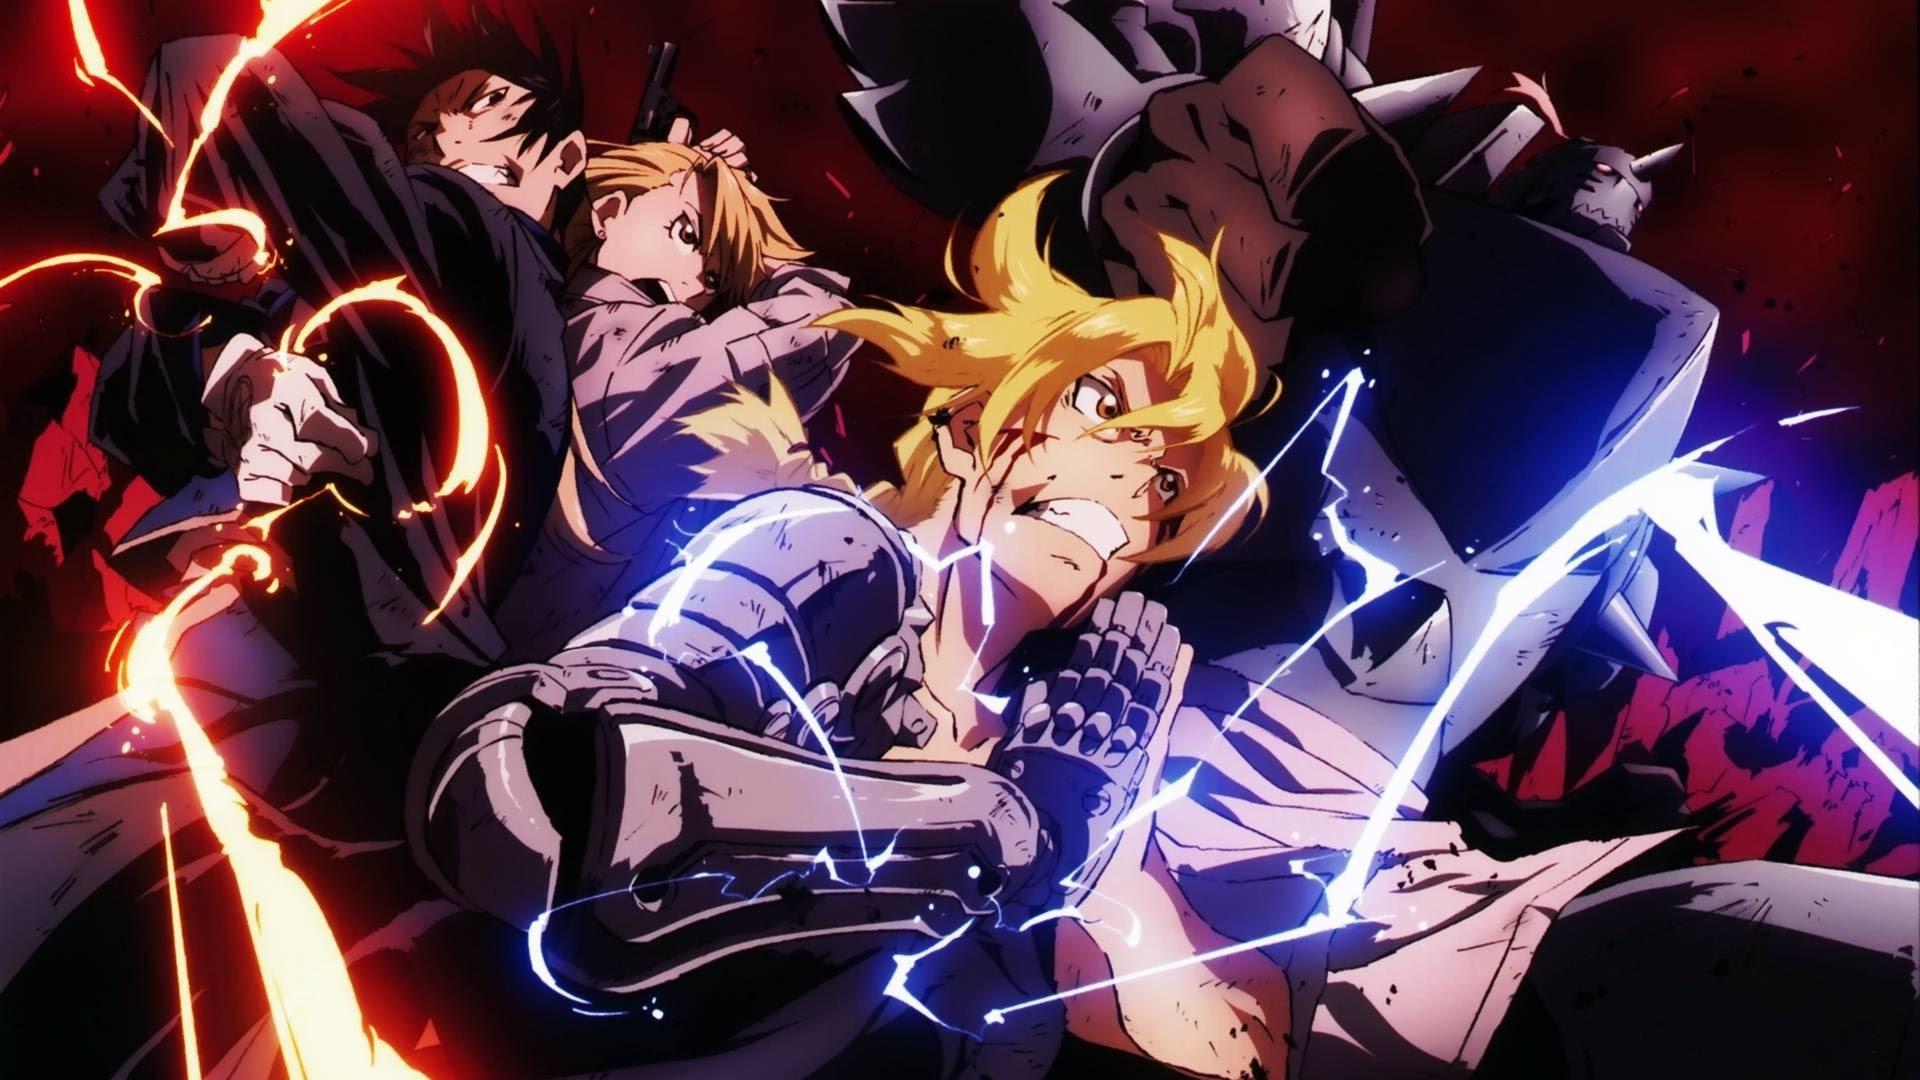 Edward y Alphonse acompañados de Roy y RIza